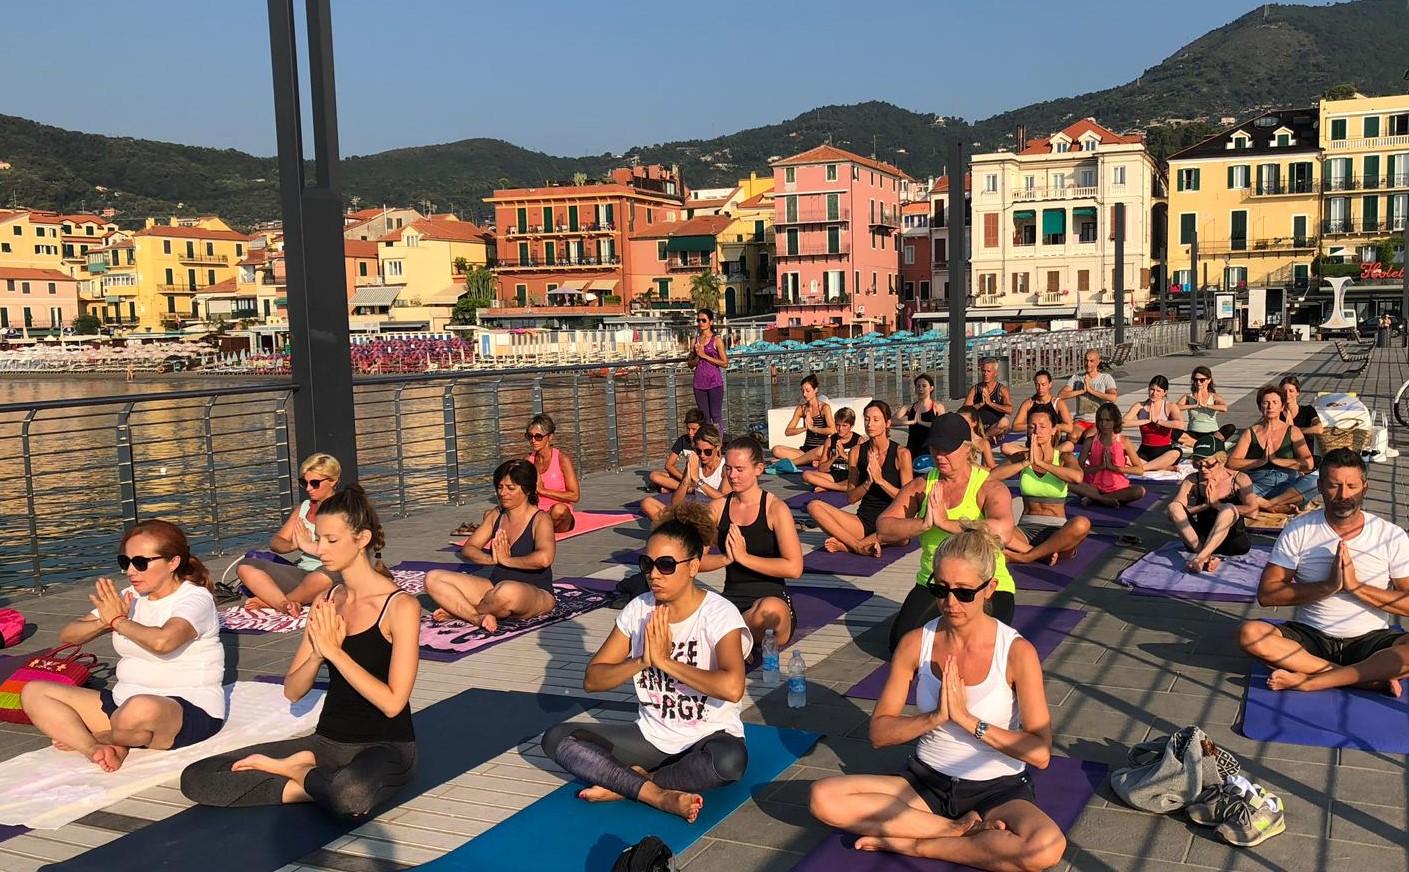 essere-free-yoga-gratuito-benessere-per-tutti-village-citta-alassio-estate-lucia-ragazzi-summer-town-wellness-001